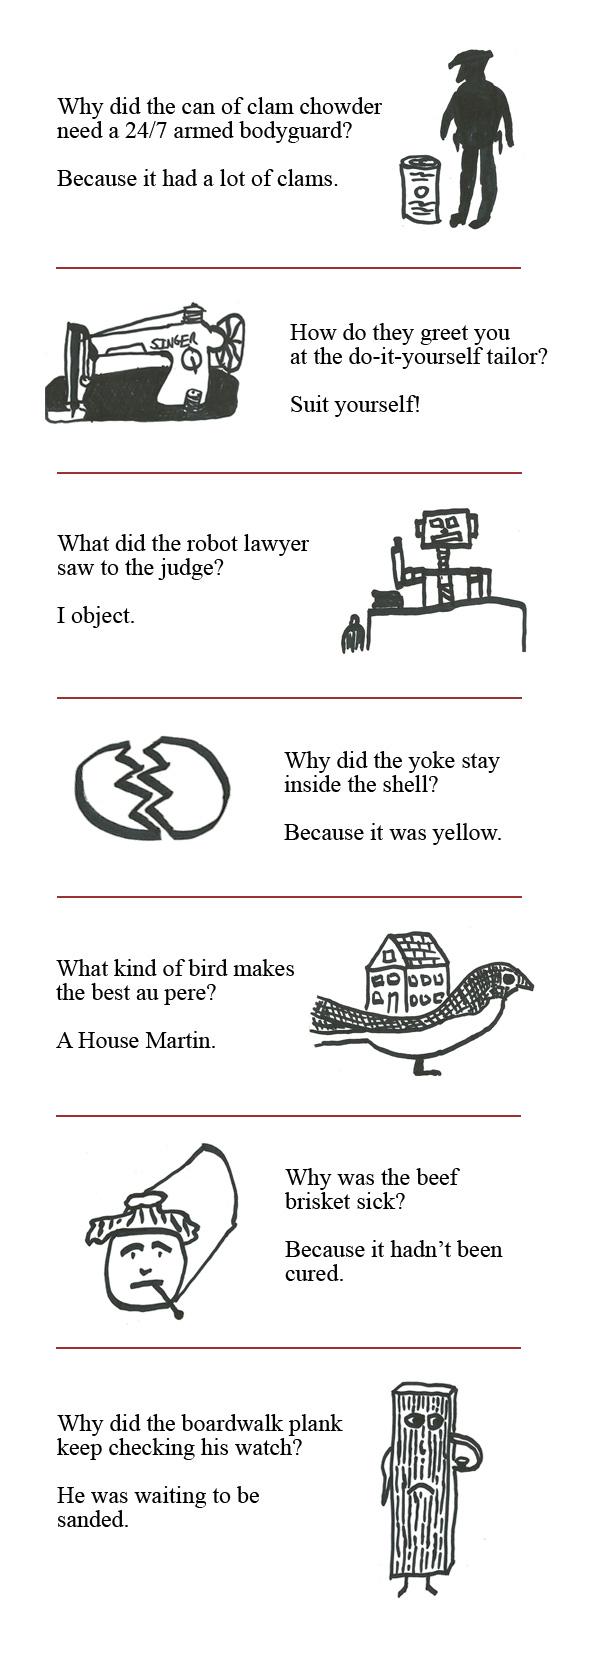 7 children's riddles